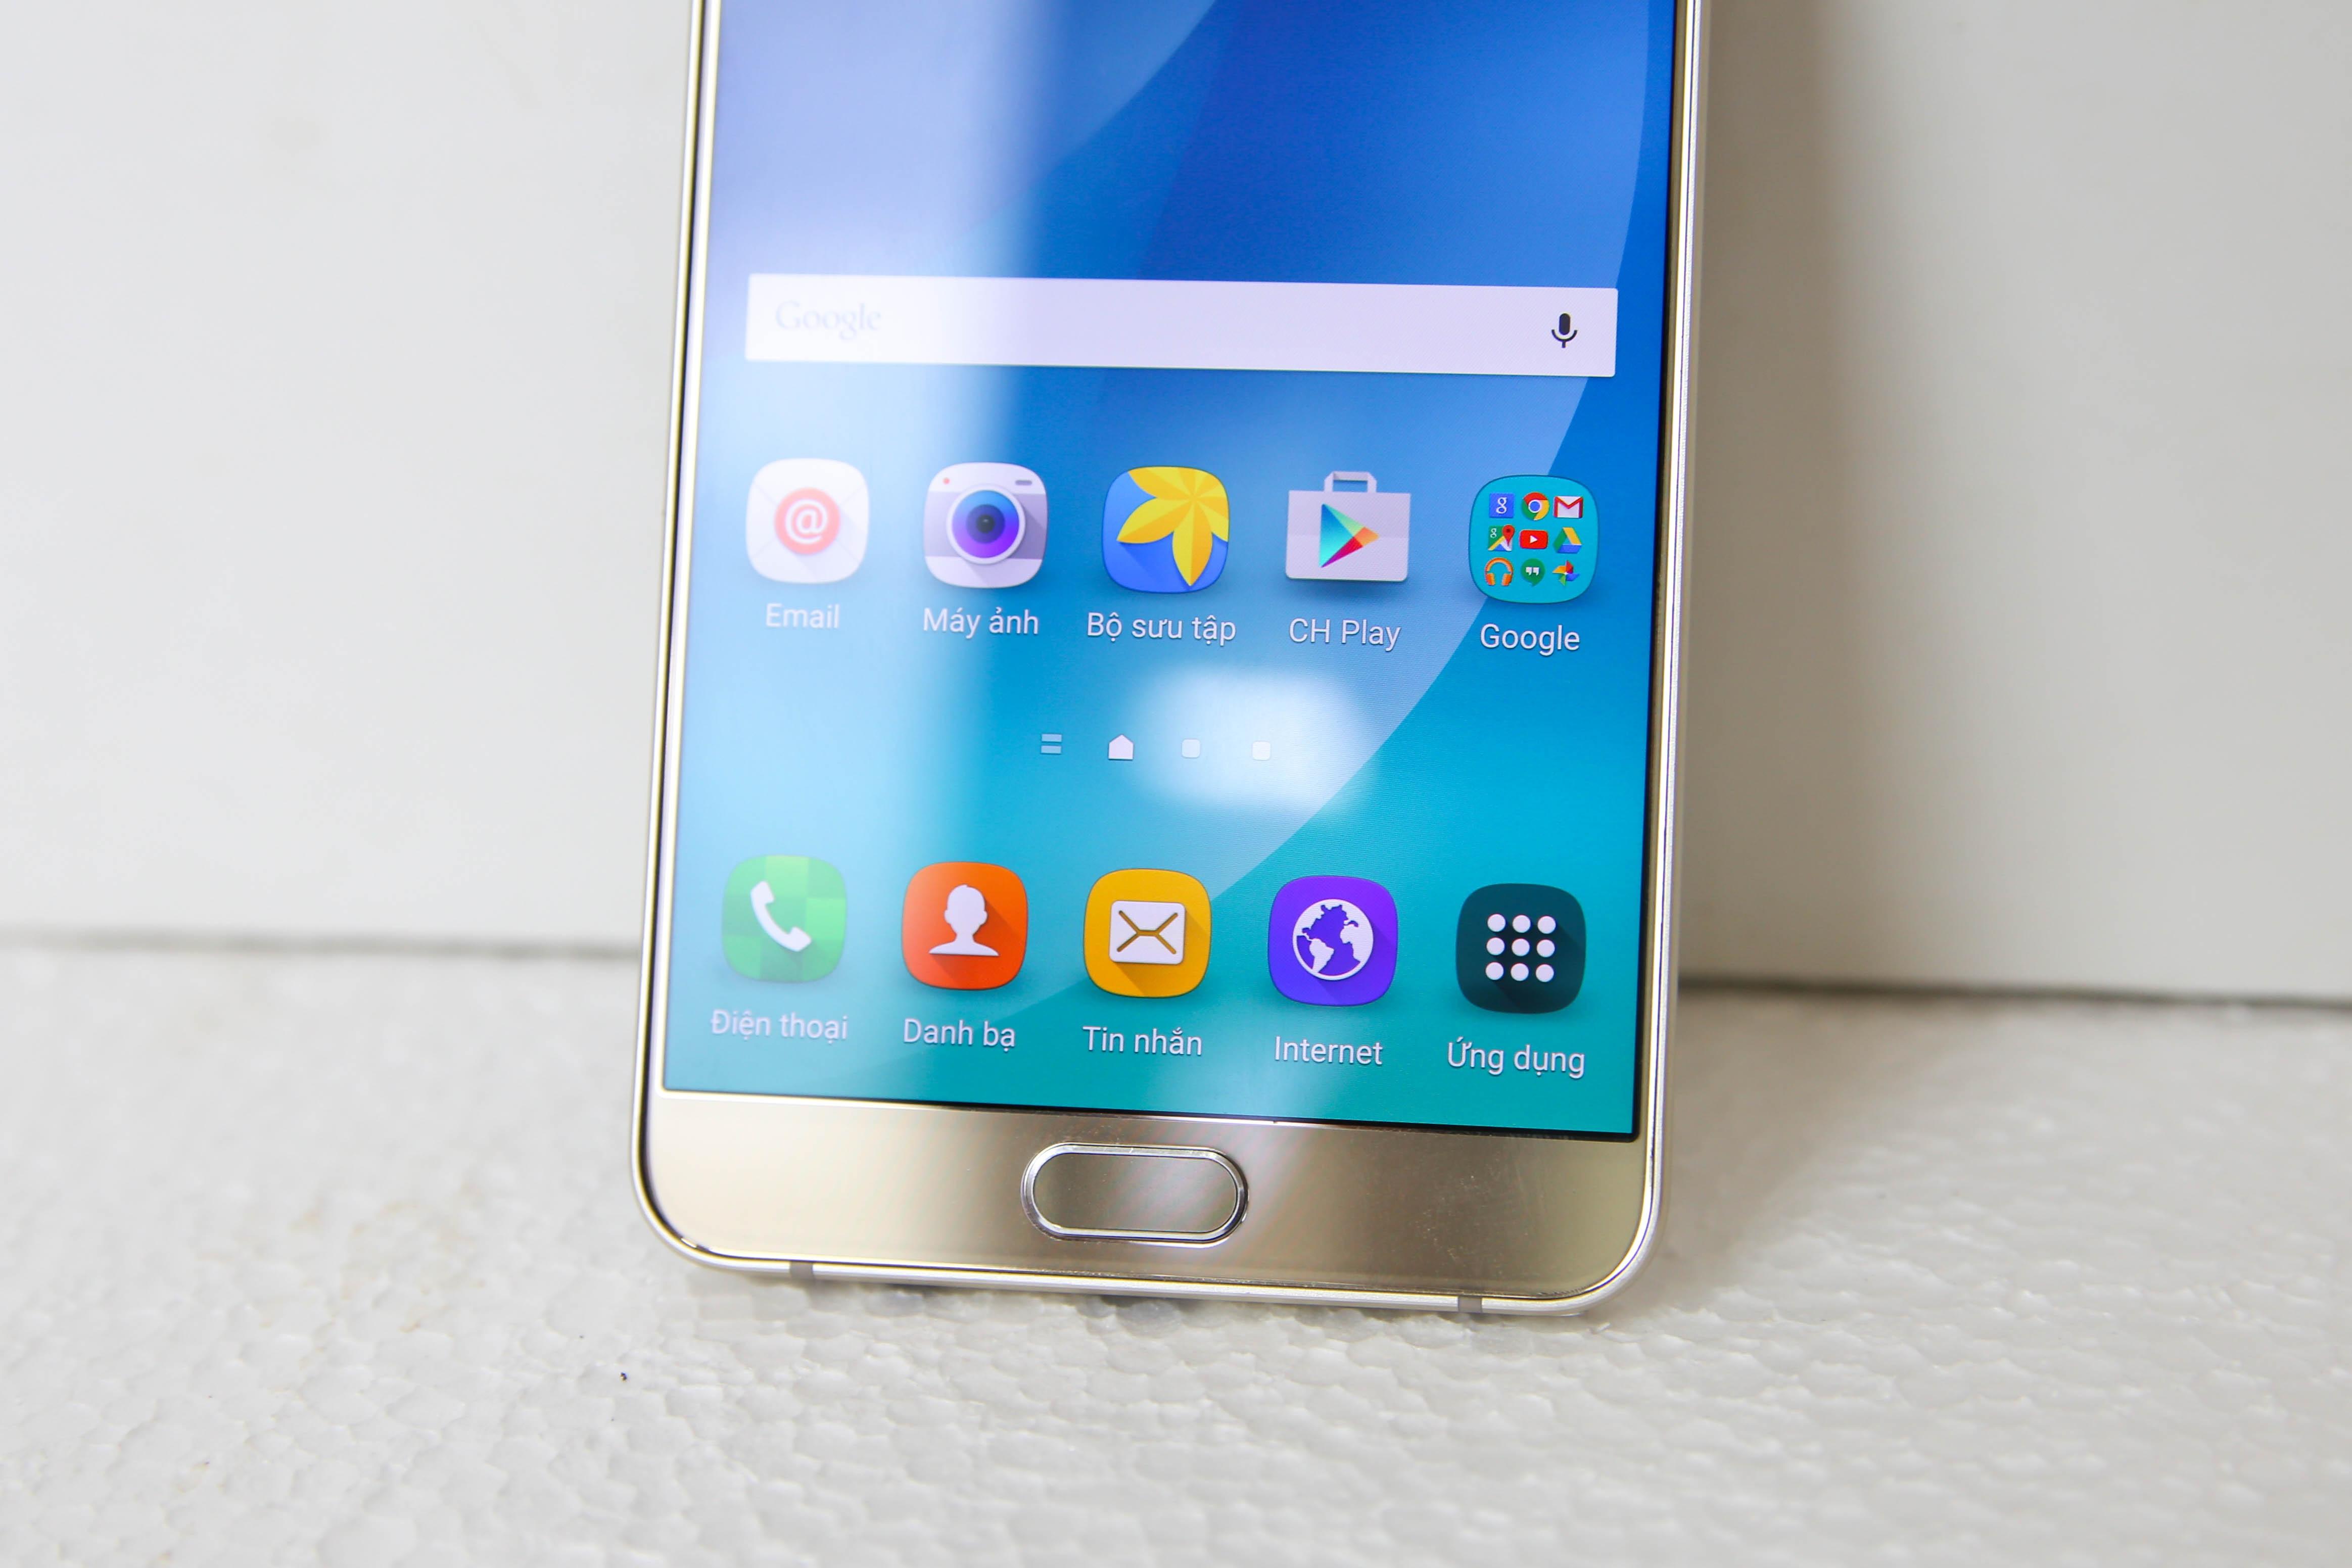 Đánh giá điện thoại Samsung Galaxy Note 5 - 9